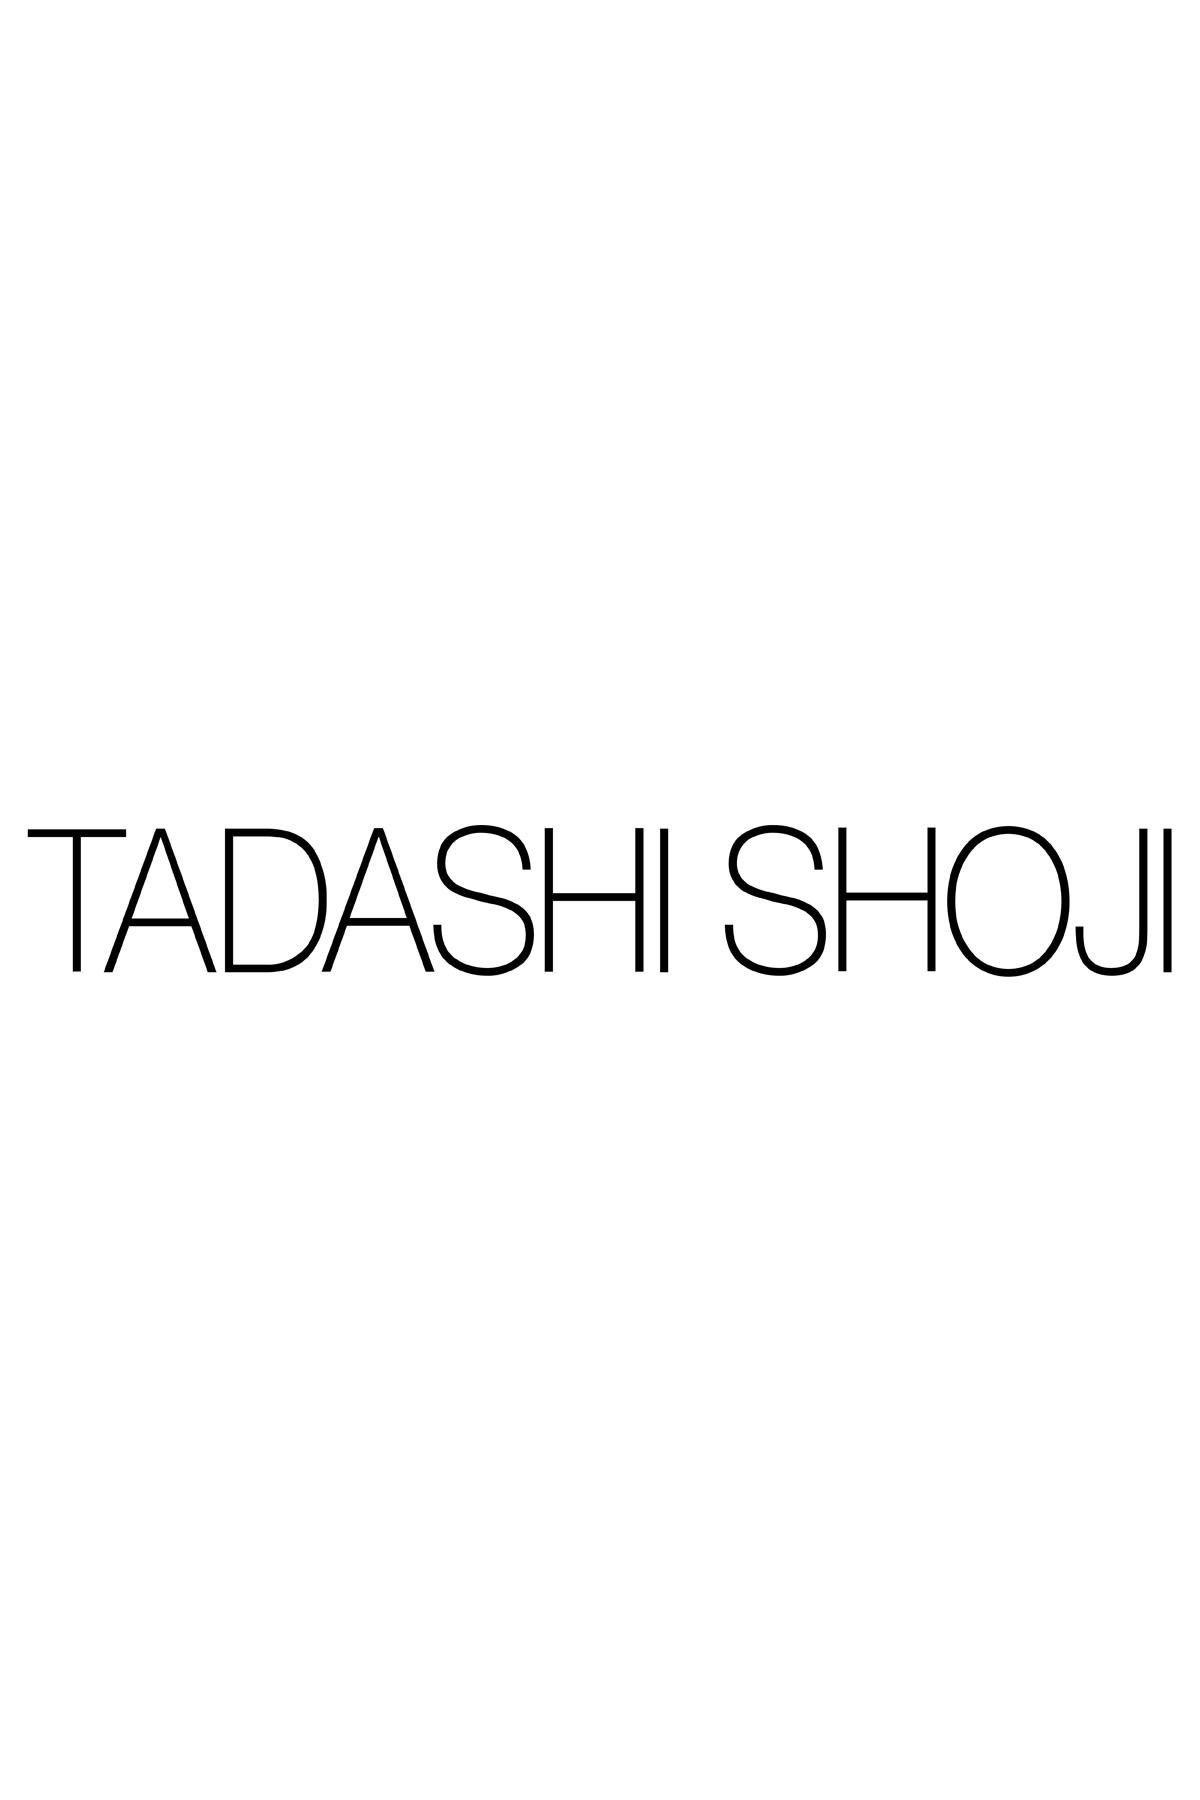 Tadashi Shoji - Samar Floral Embroidered Lace Dress